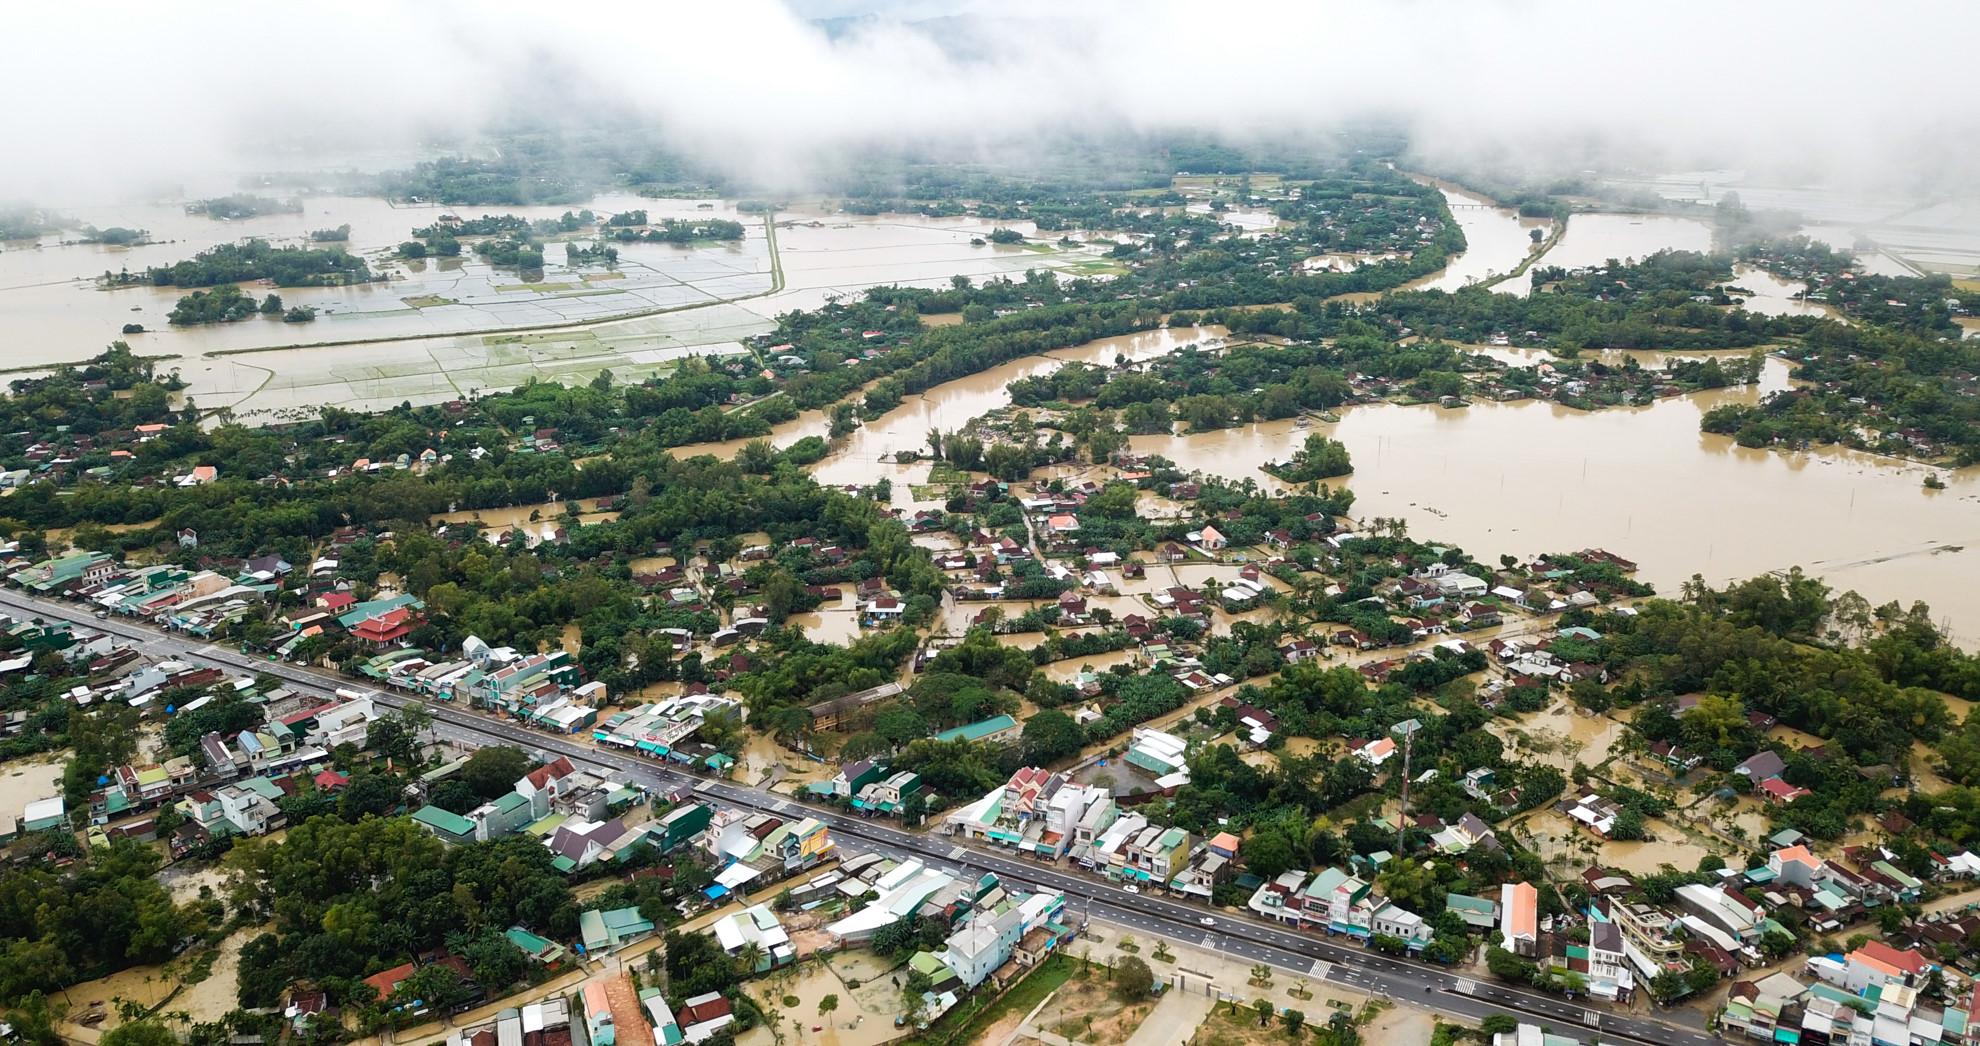 Miền Trung chìm trong biển nước, hàng nghìn căn nhà bị ngập